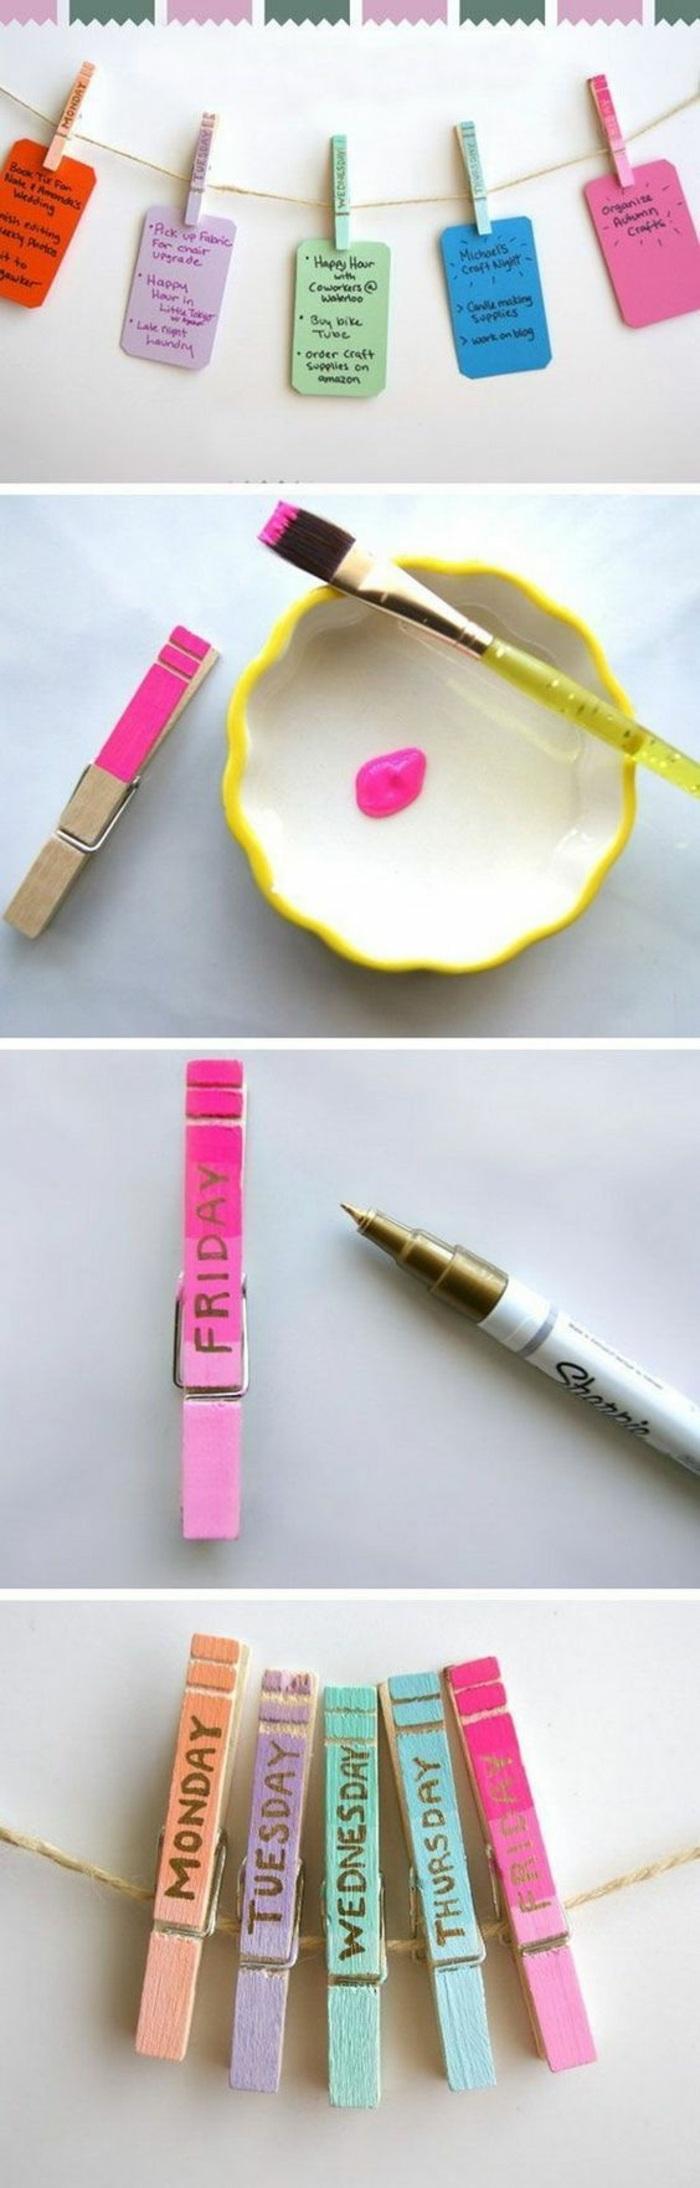 esempio per oggetti fai da te delle mollette per il bucato in legno colorate e decorate